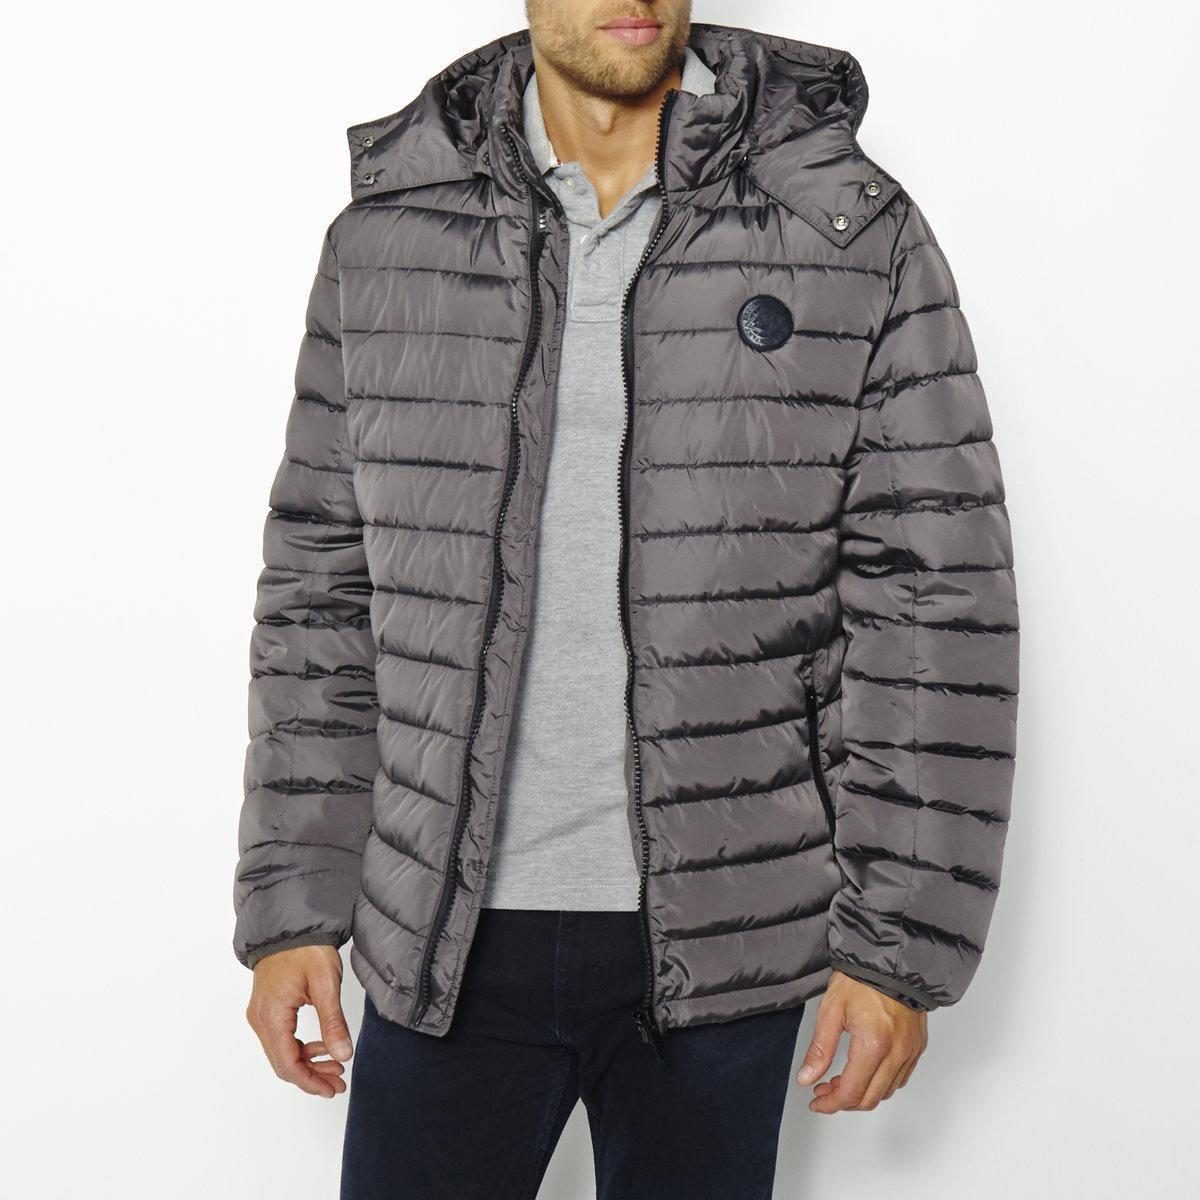 Manteau doudoune pour homme